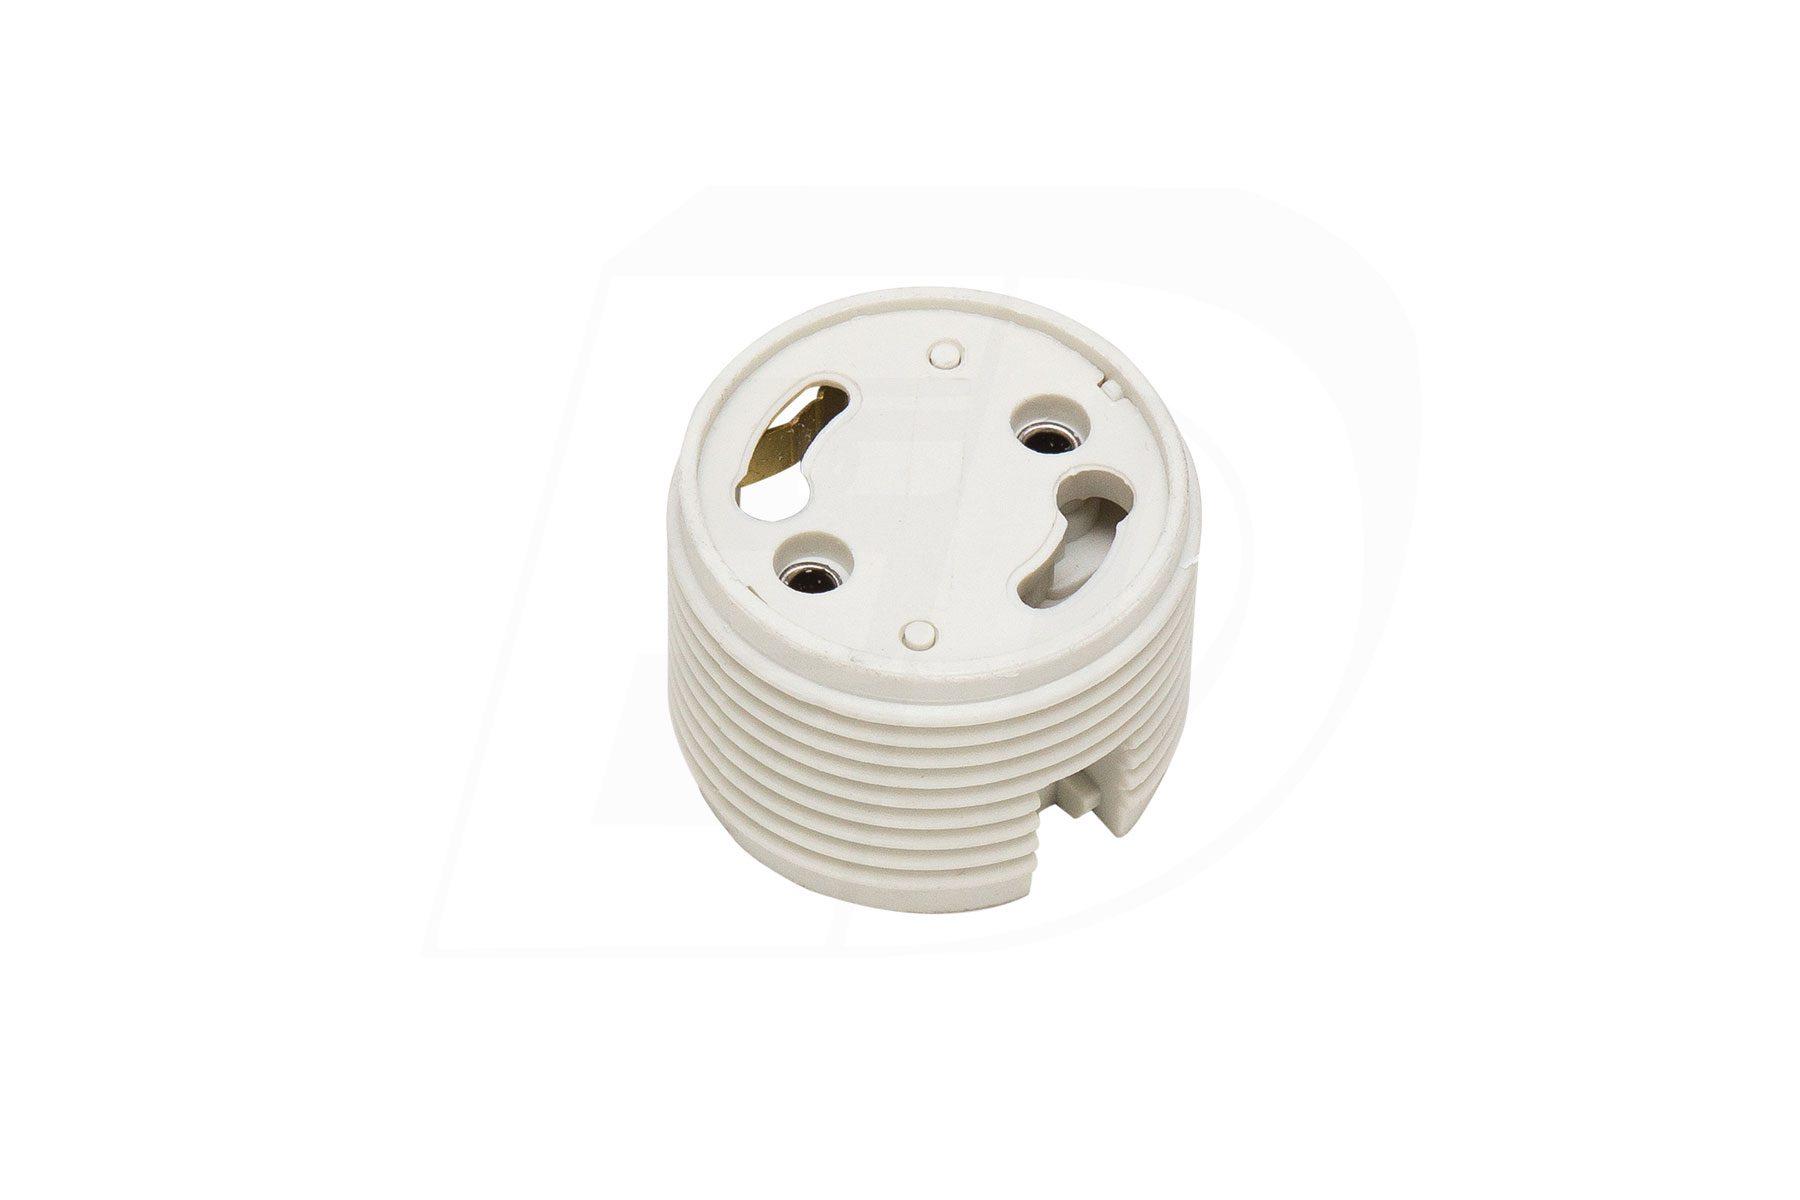 Bi-pin GU24 CFL Light Socket Twist-lock Configuration